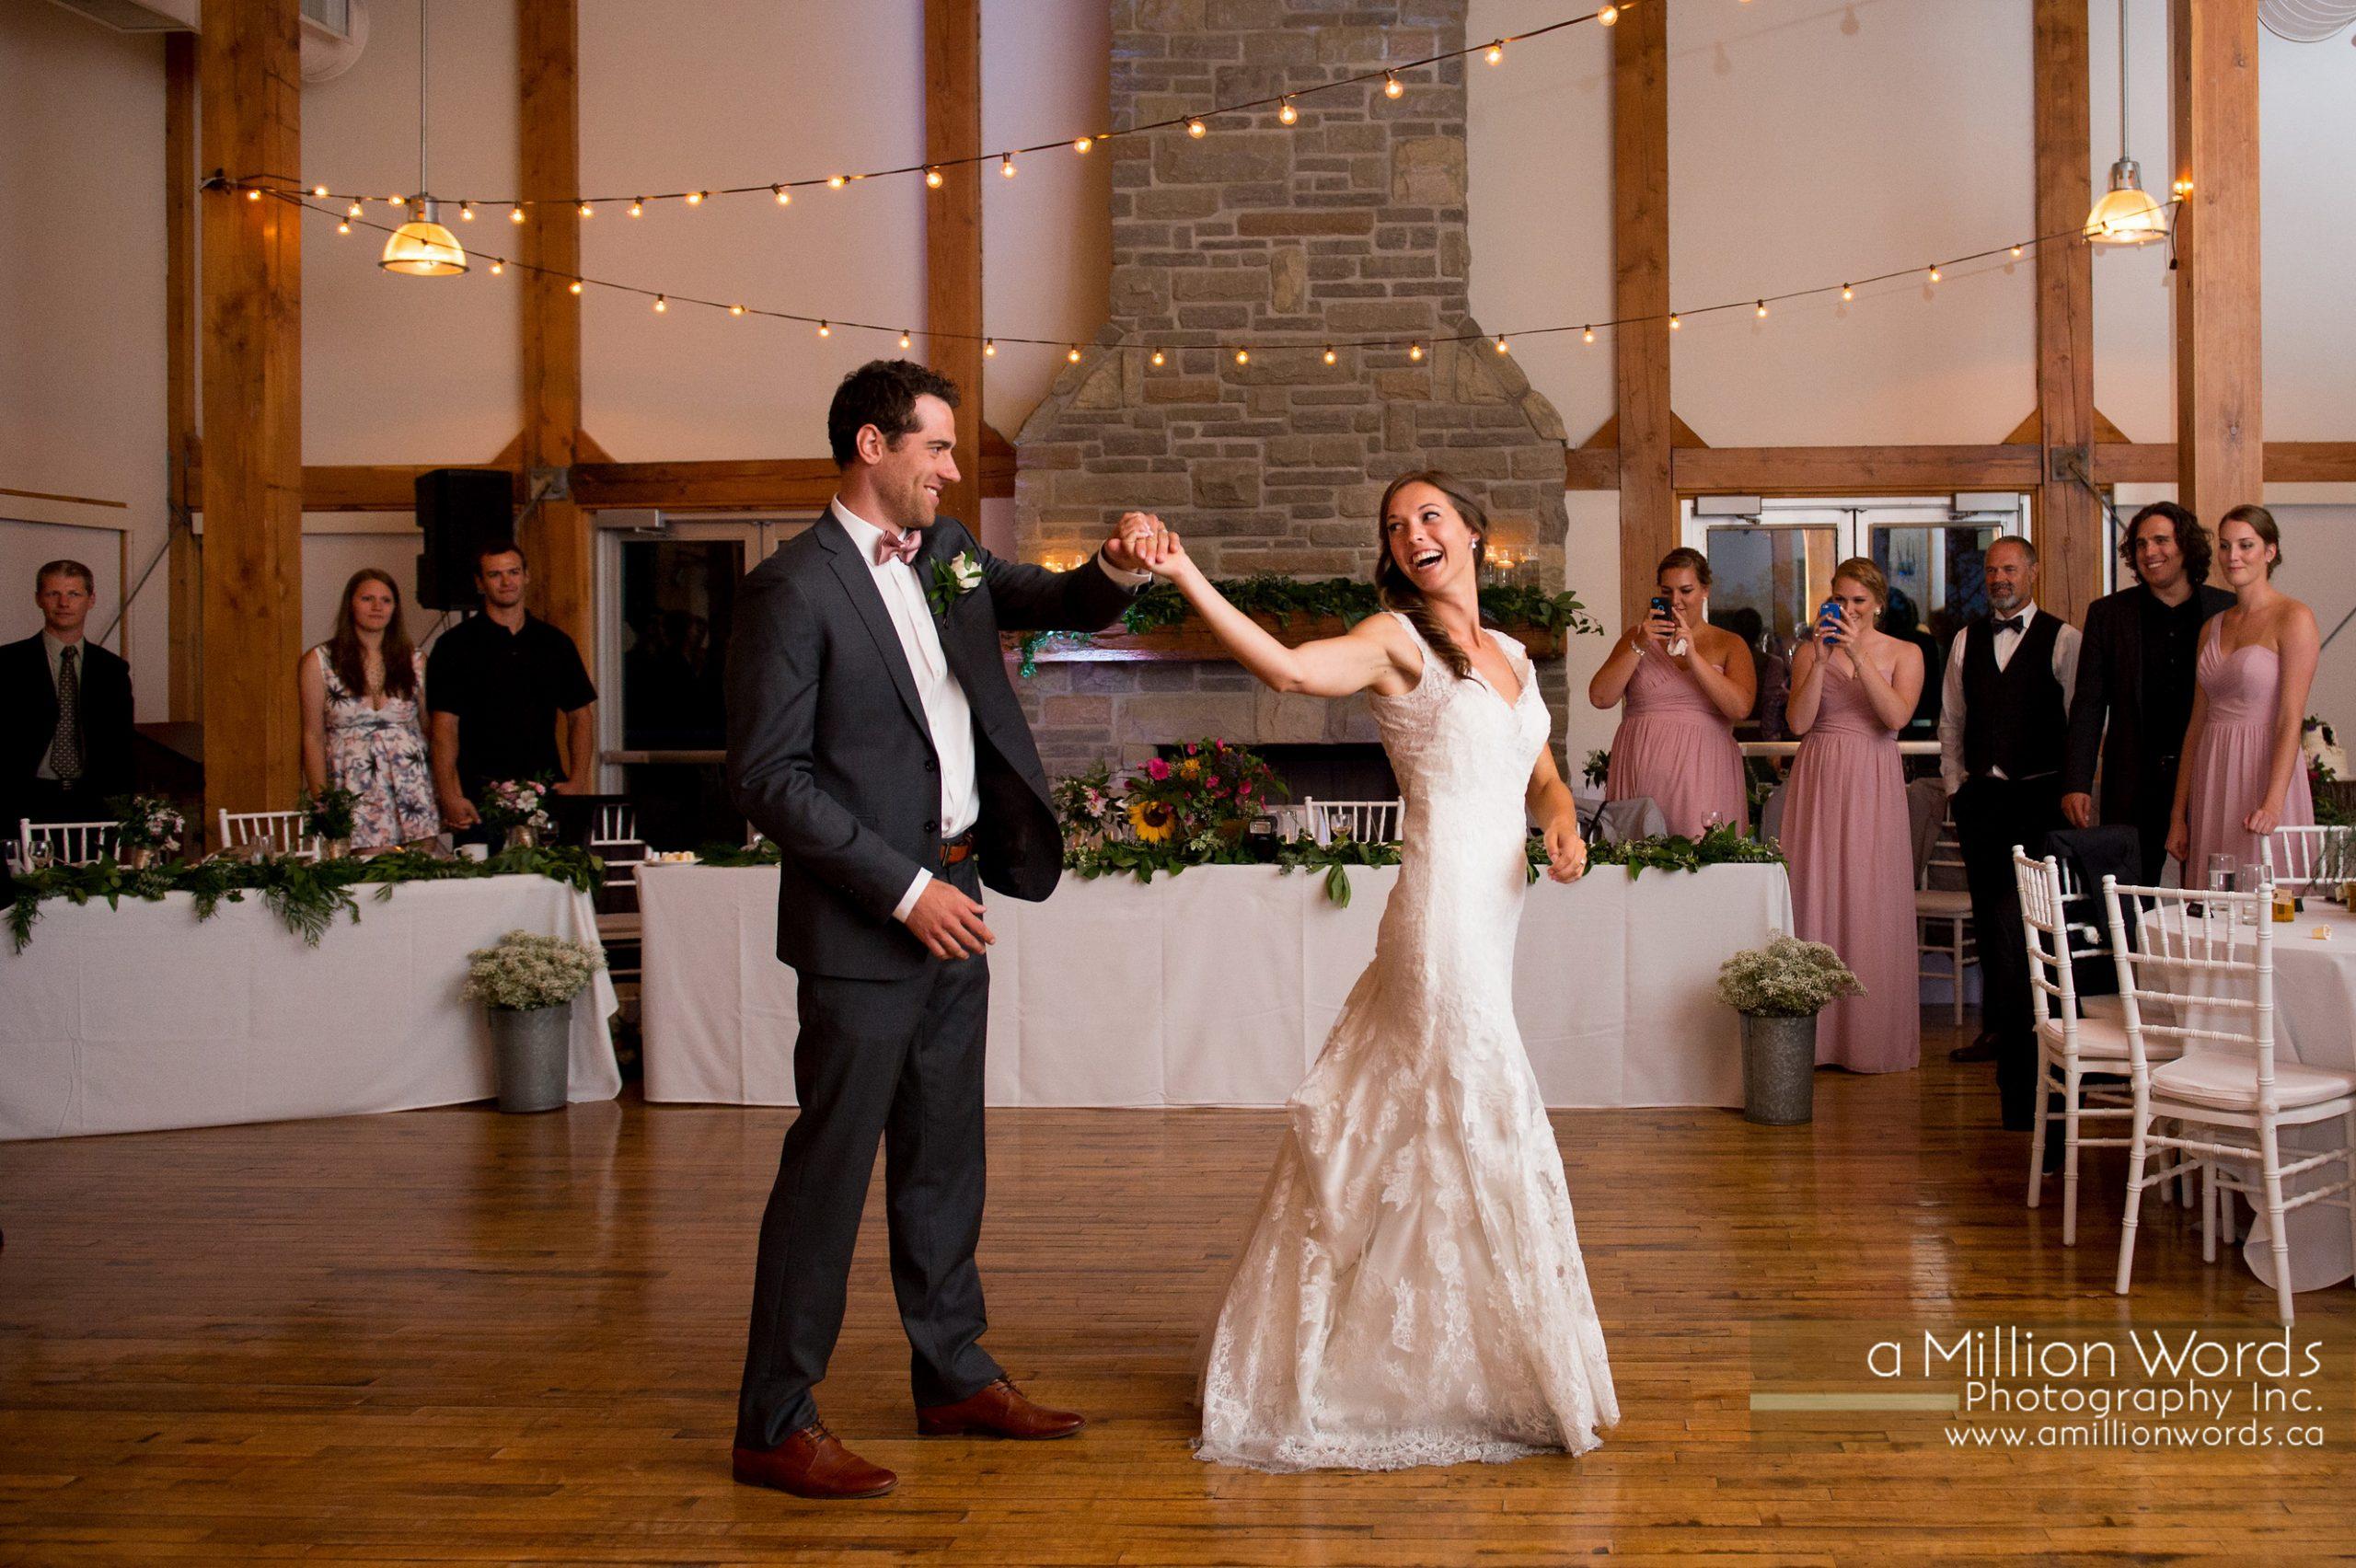 kw_wedding_photography60